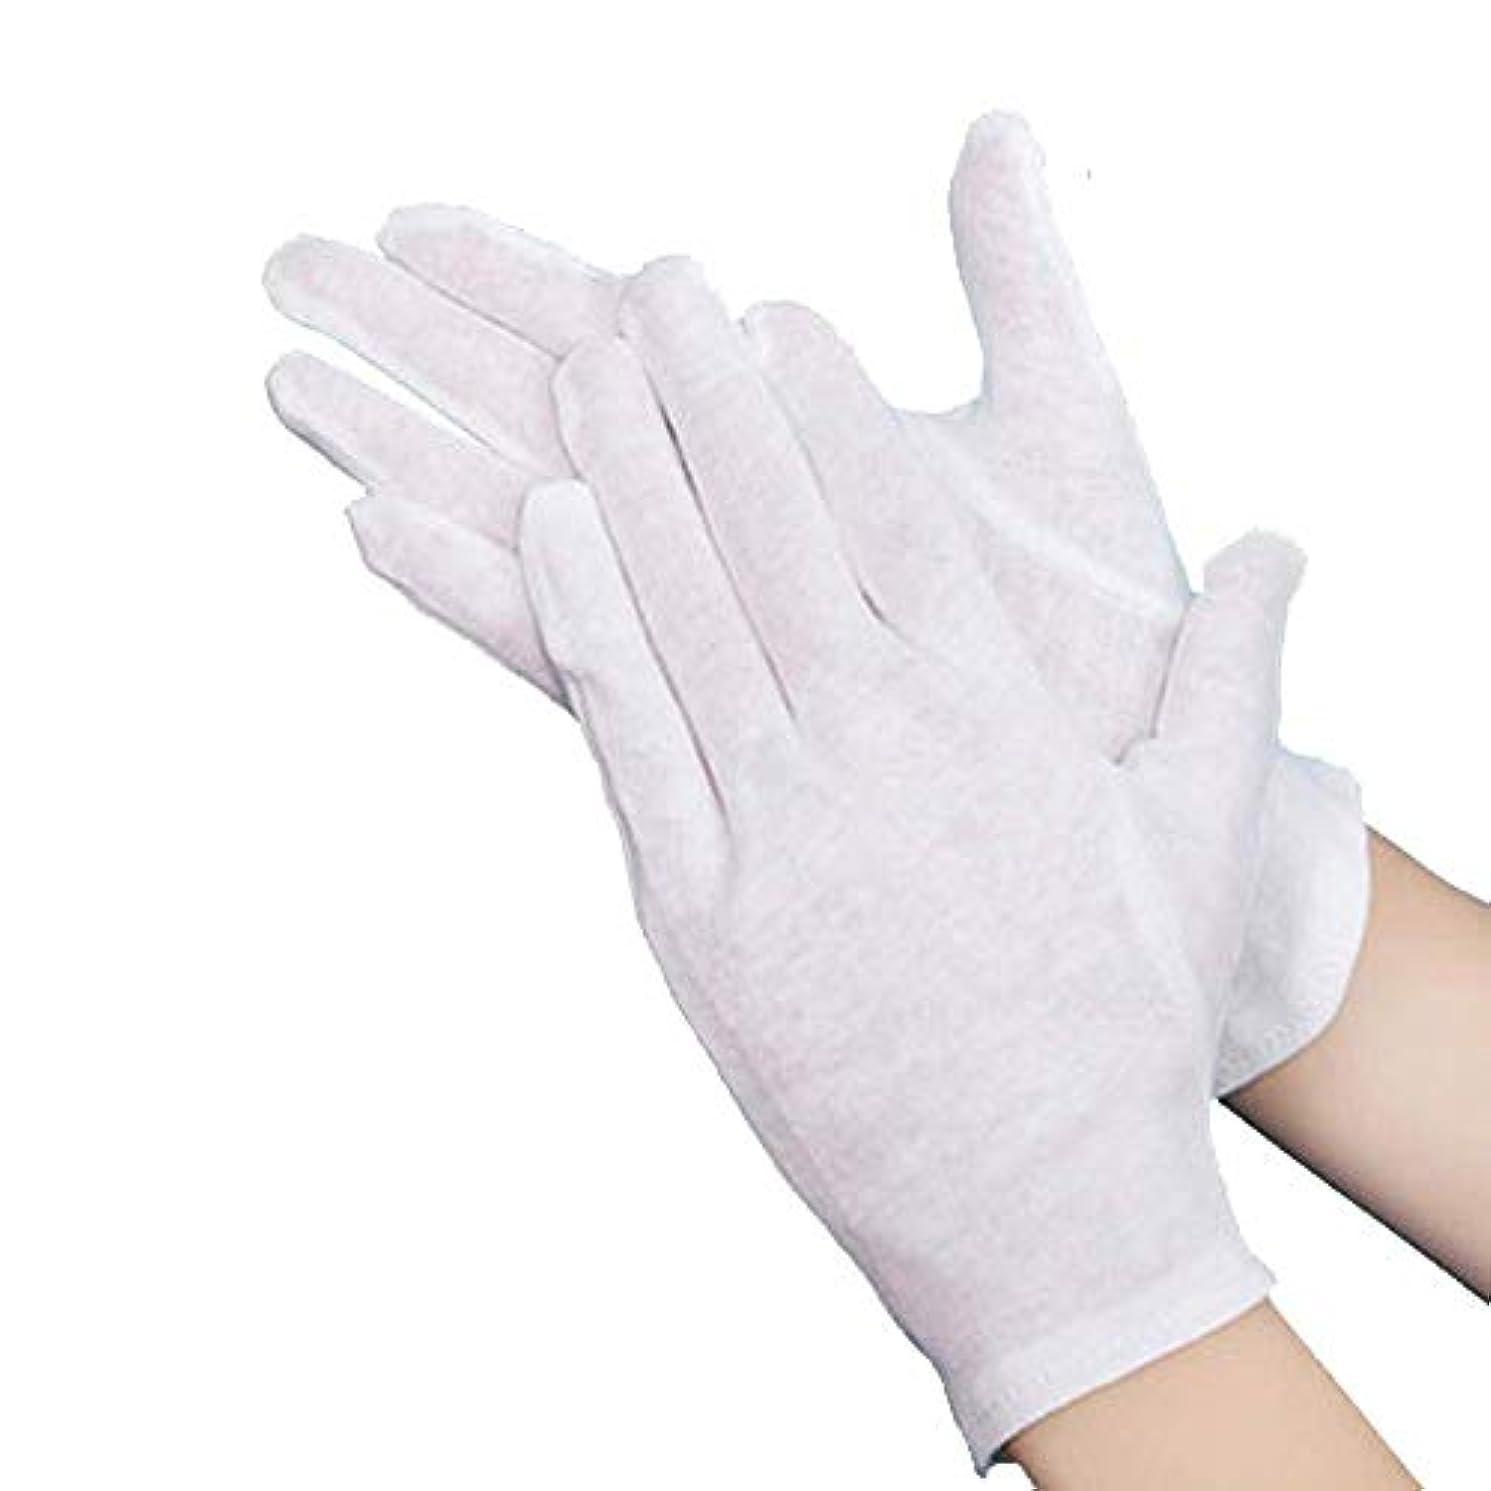 とティームキャプテン豚綿手袋 純綿100%通気性耐久性が強い上に軽く高品質吸汗性が优秀ふんわりとした肌触り10双組